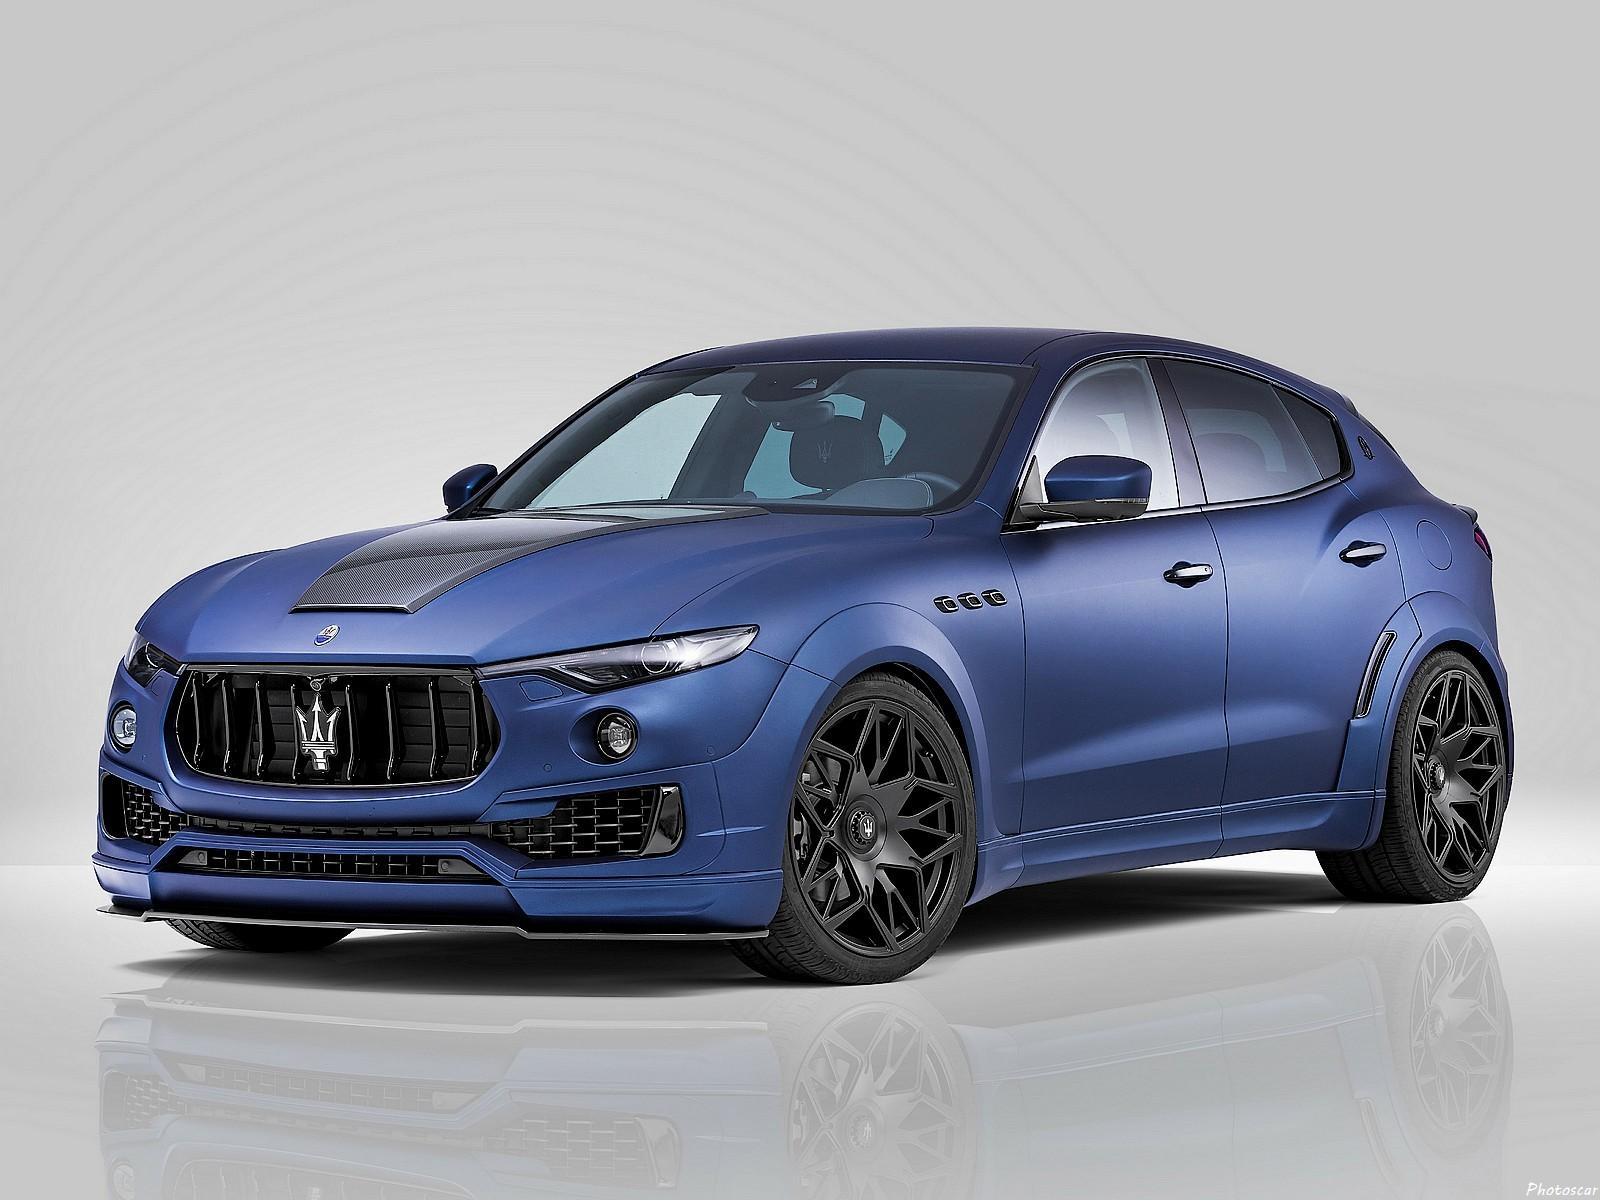 Novitec Tridente Maserati Levante Esteso 2017: Un SUV haut de gamme